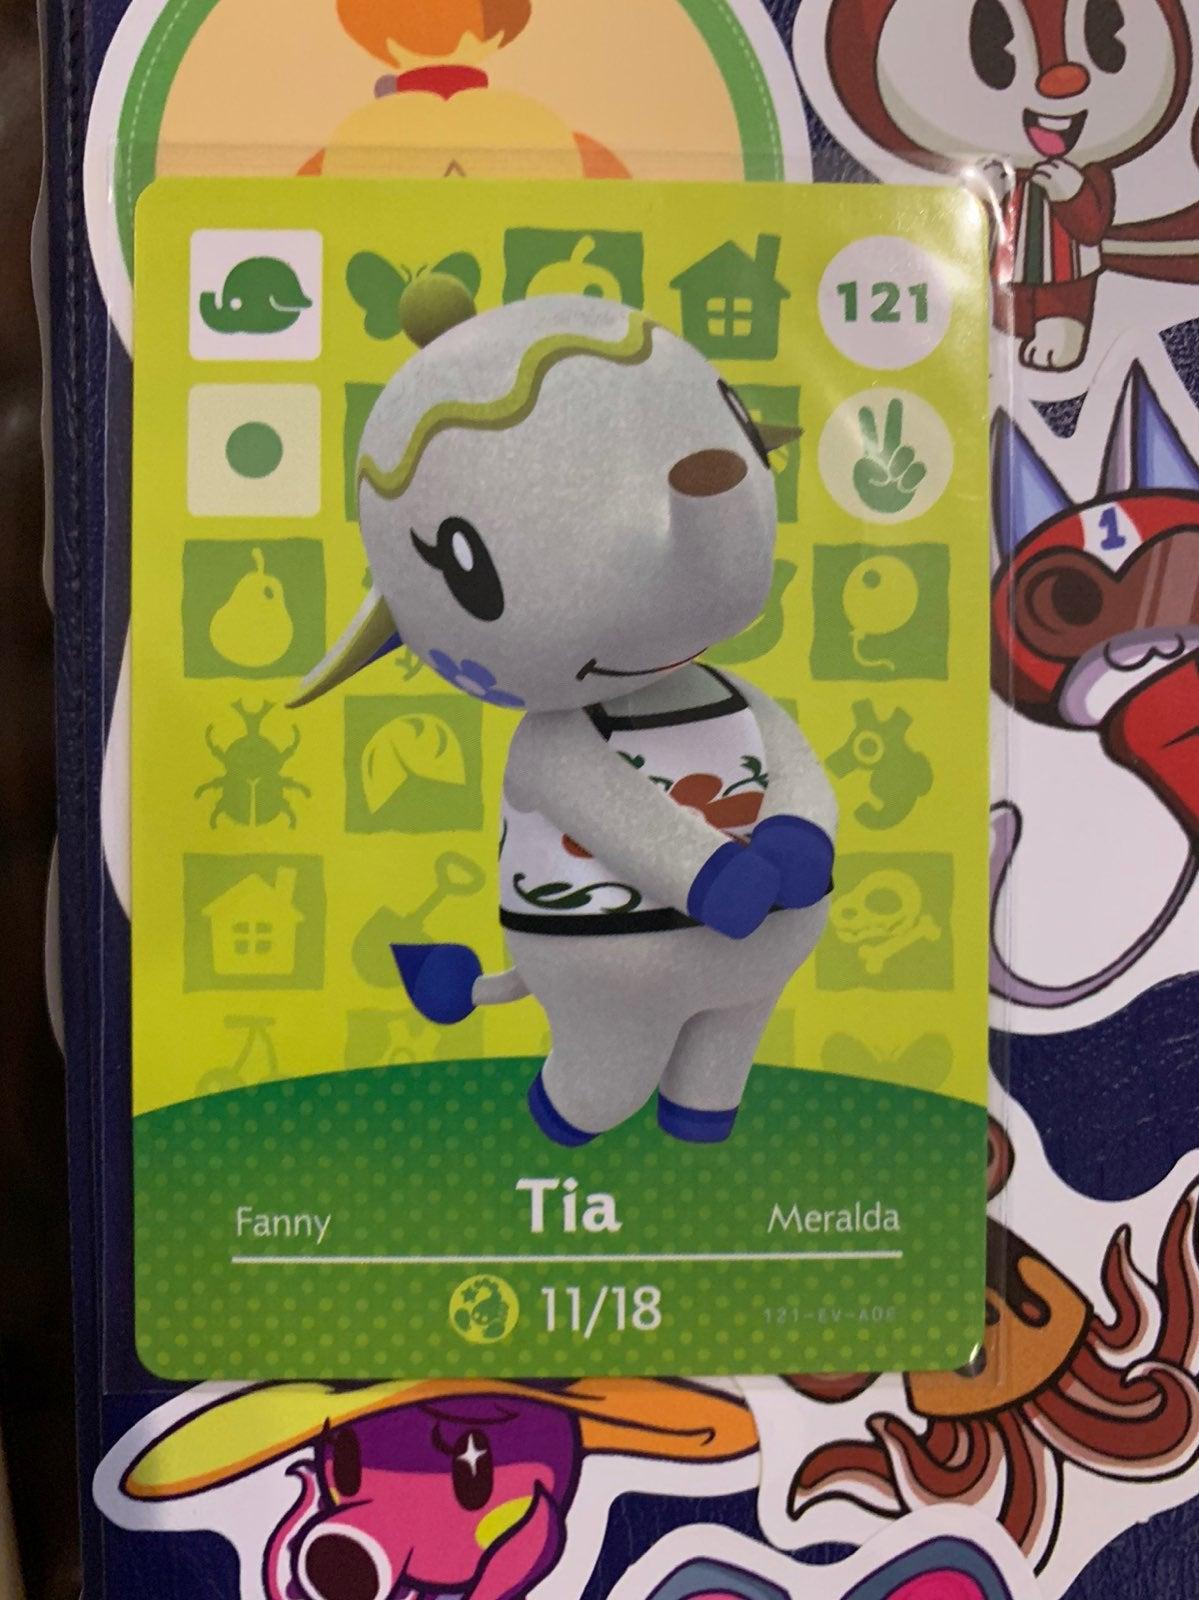 Animal Crossing Amiibo Card - Tia